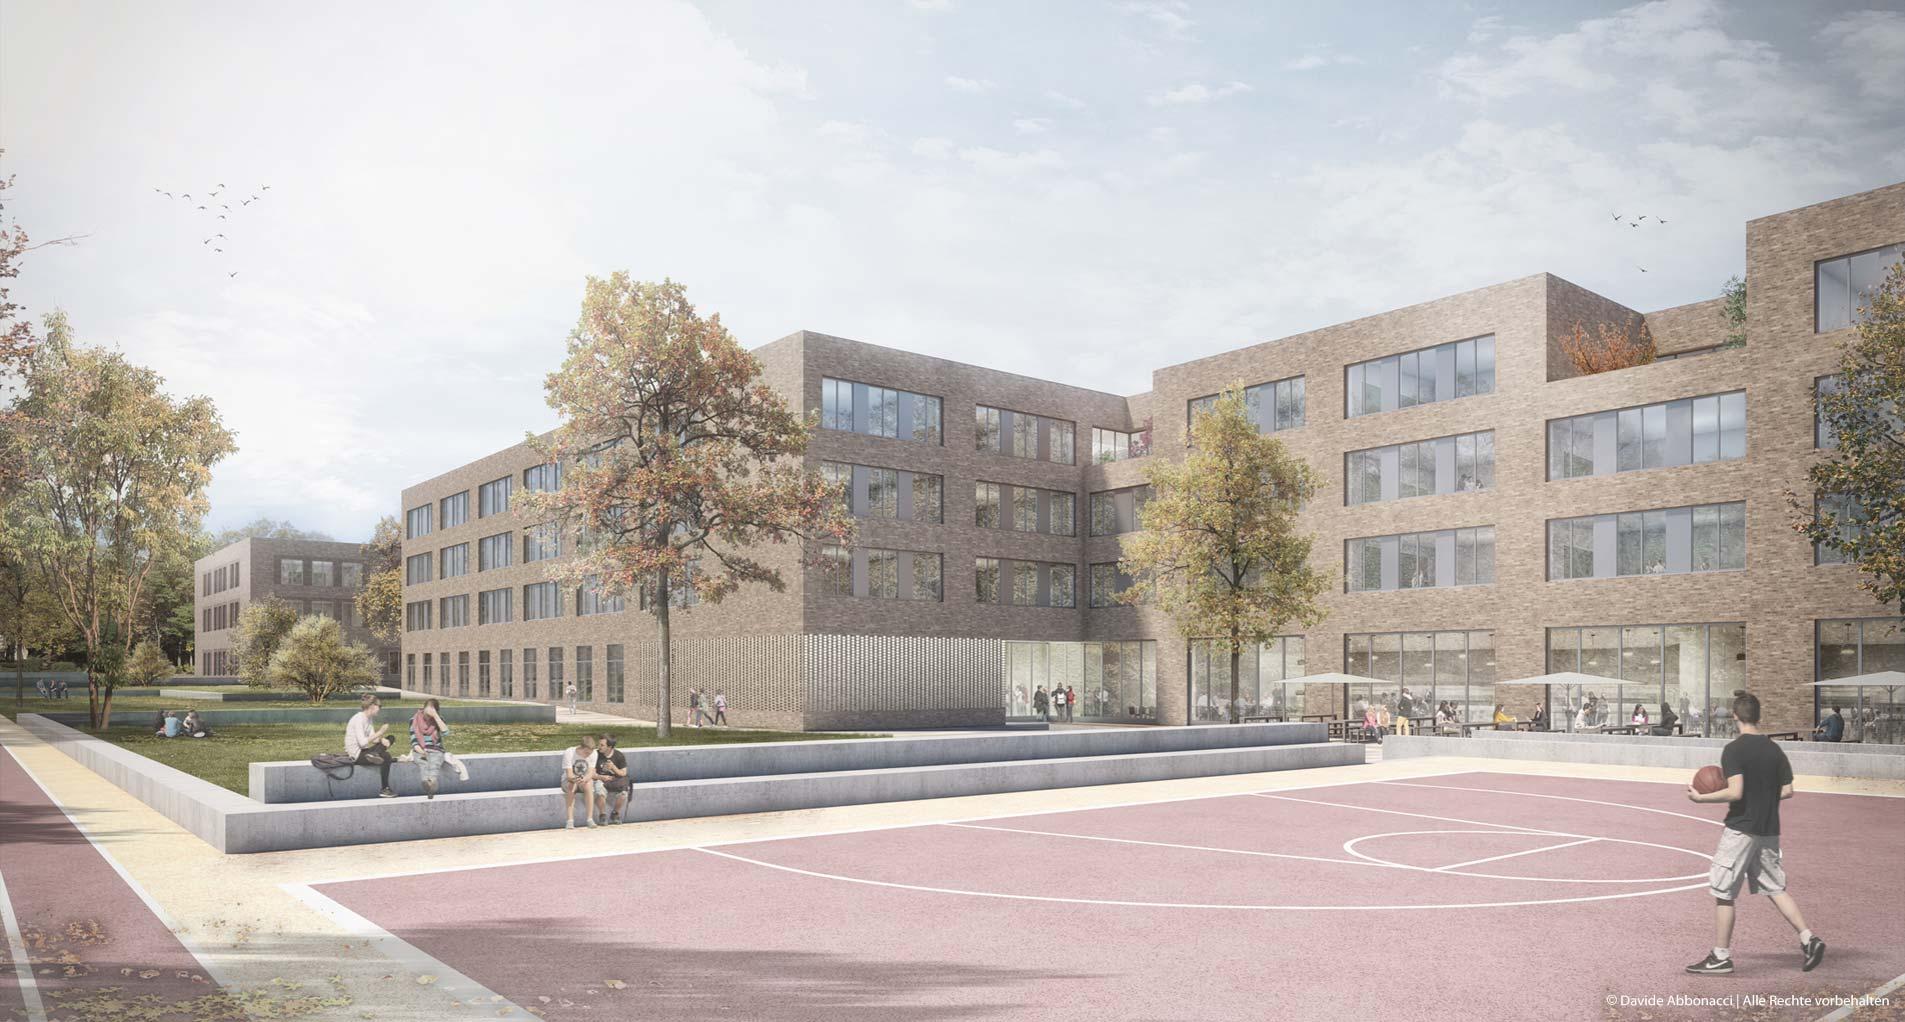 Schulcampus Altona, Hamburg | Hemprich Tophof Architekten | 2018 Wettbewerbsvisualisierung